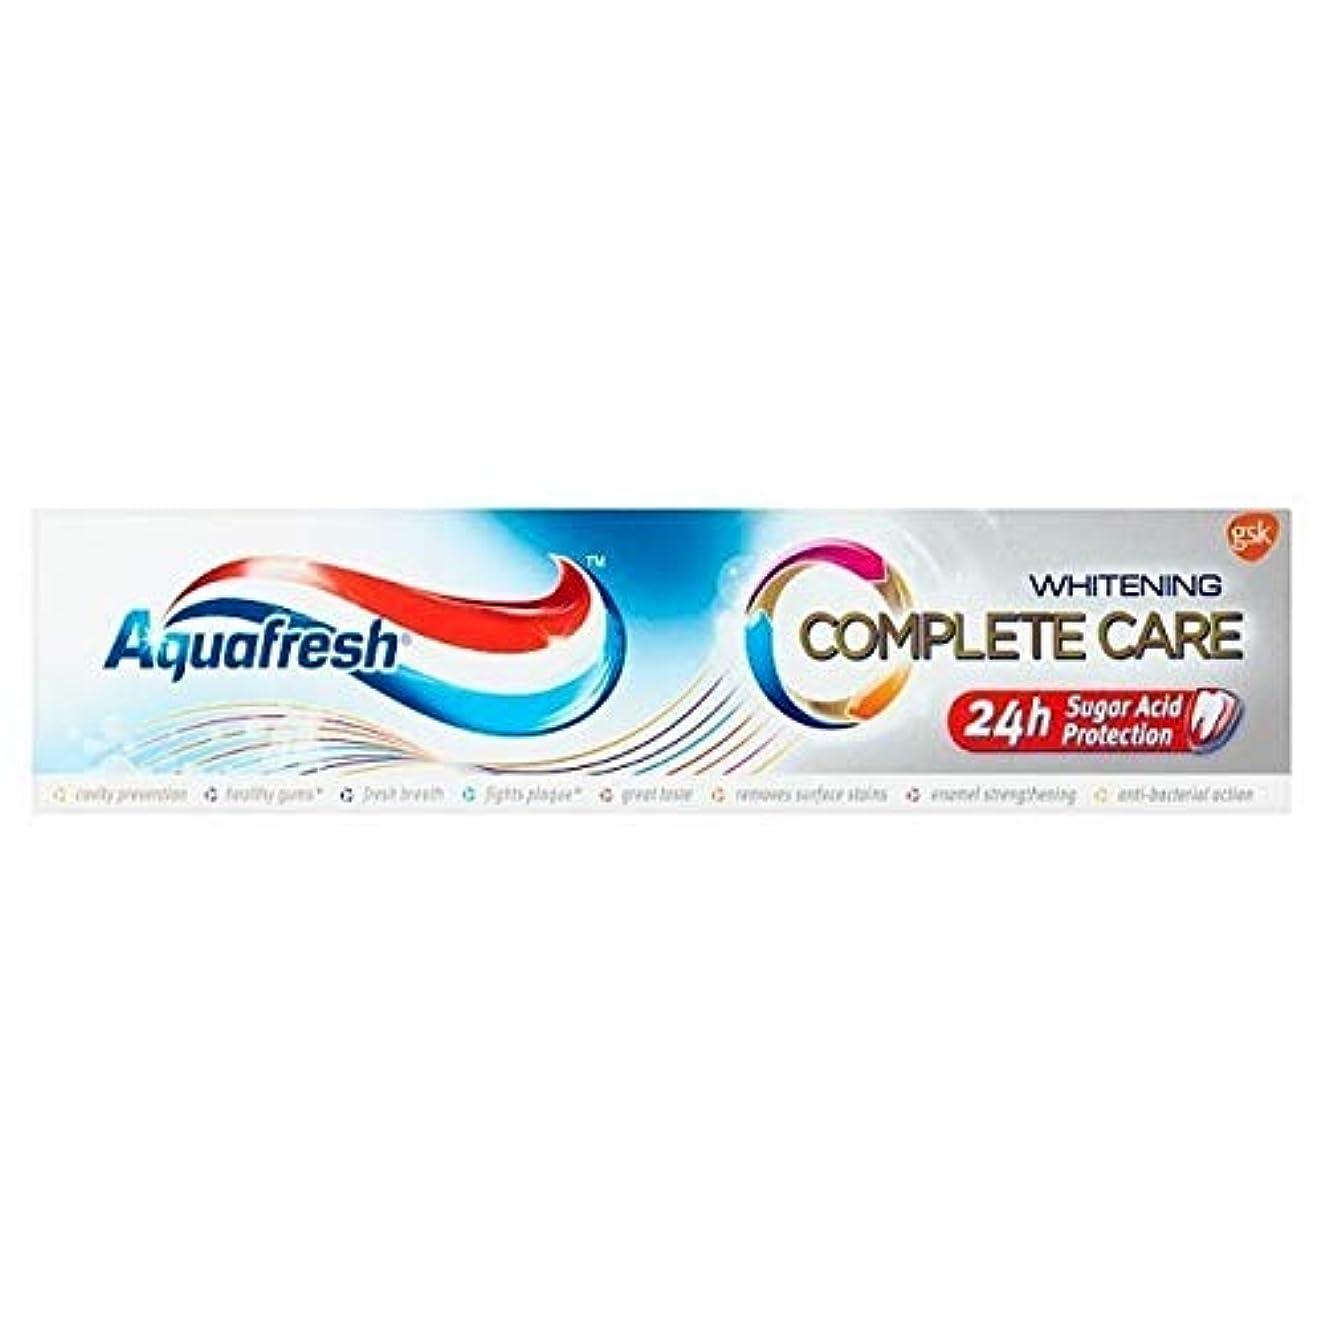 理想的にはばかげたフルーツ野菜[Aquafresh ] アクアフレッシュ完全なケア美白100ミリリットル - Aquafresh Complete Care Whitening 100ml [並行輸入品]